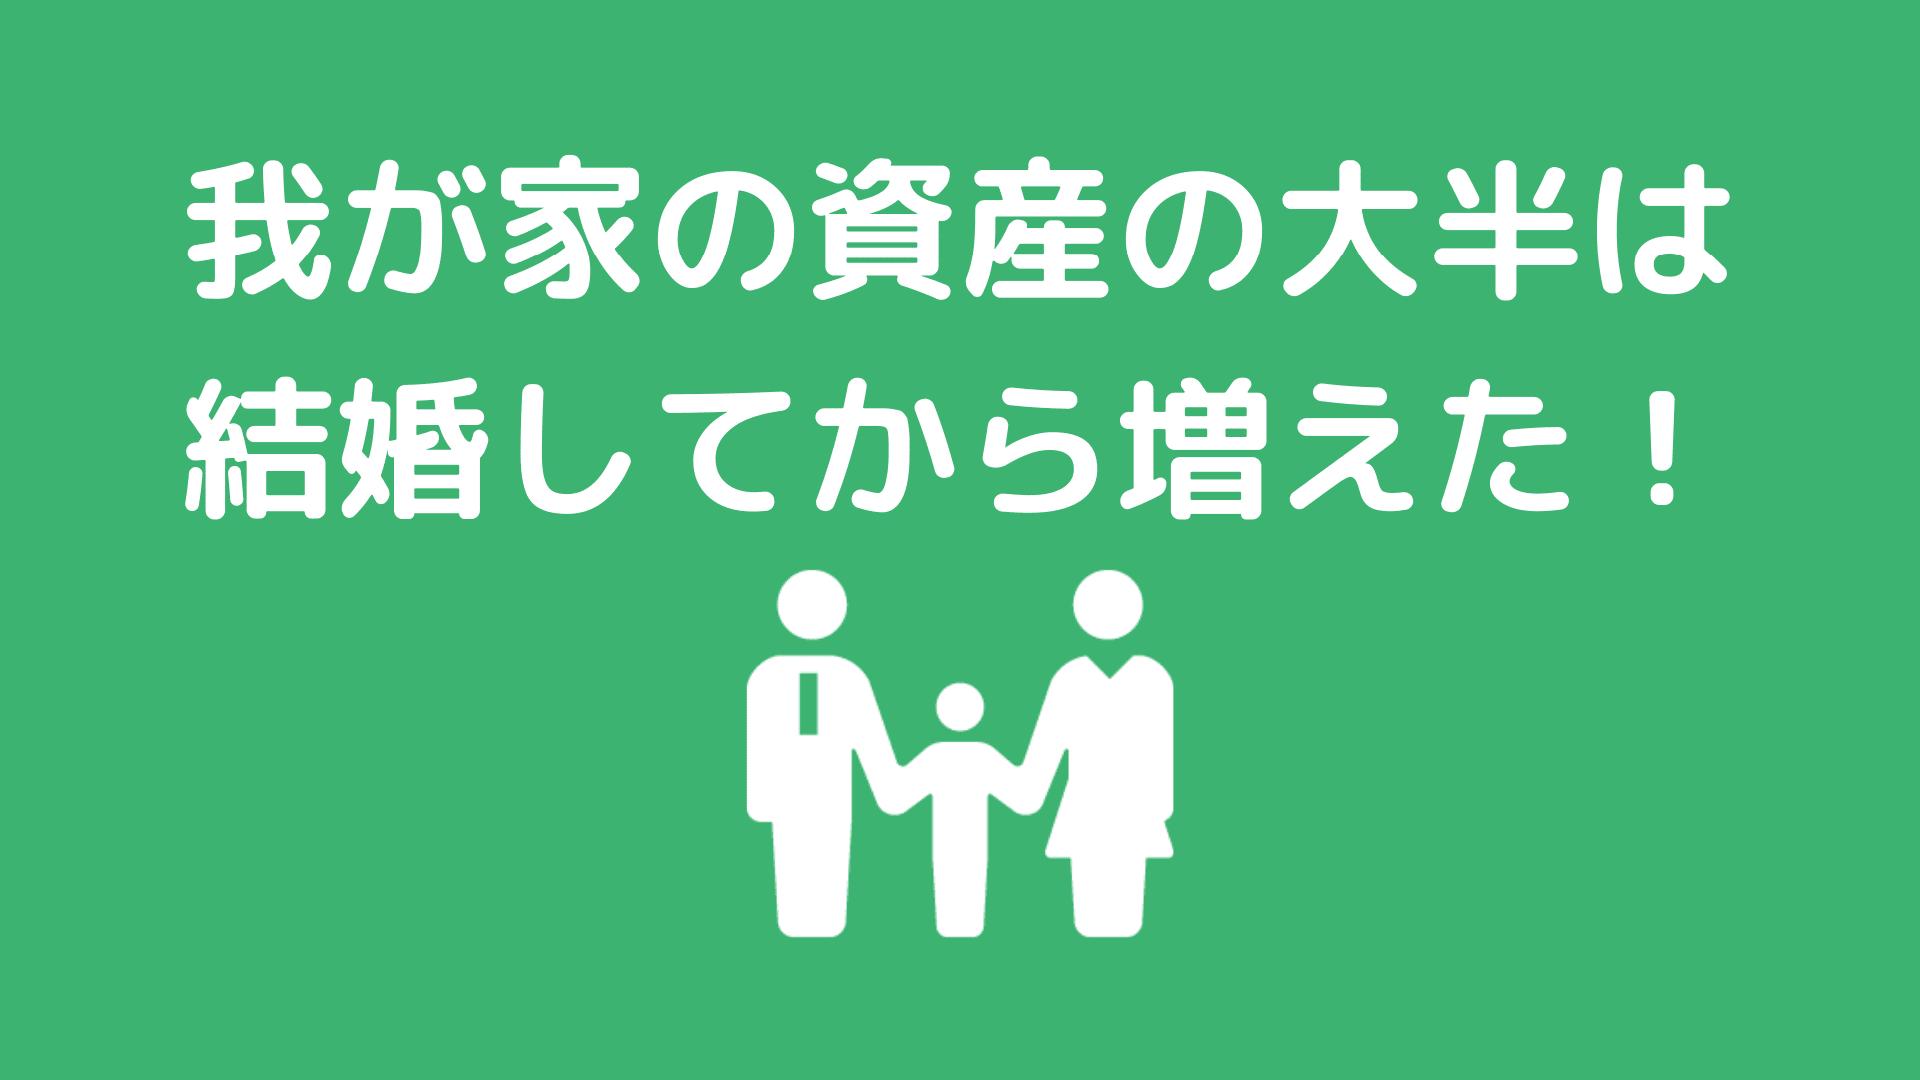 Wagayanoshisan